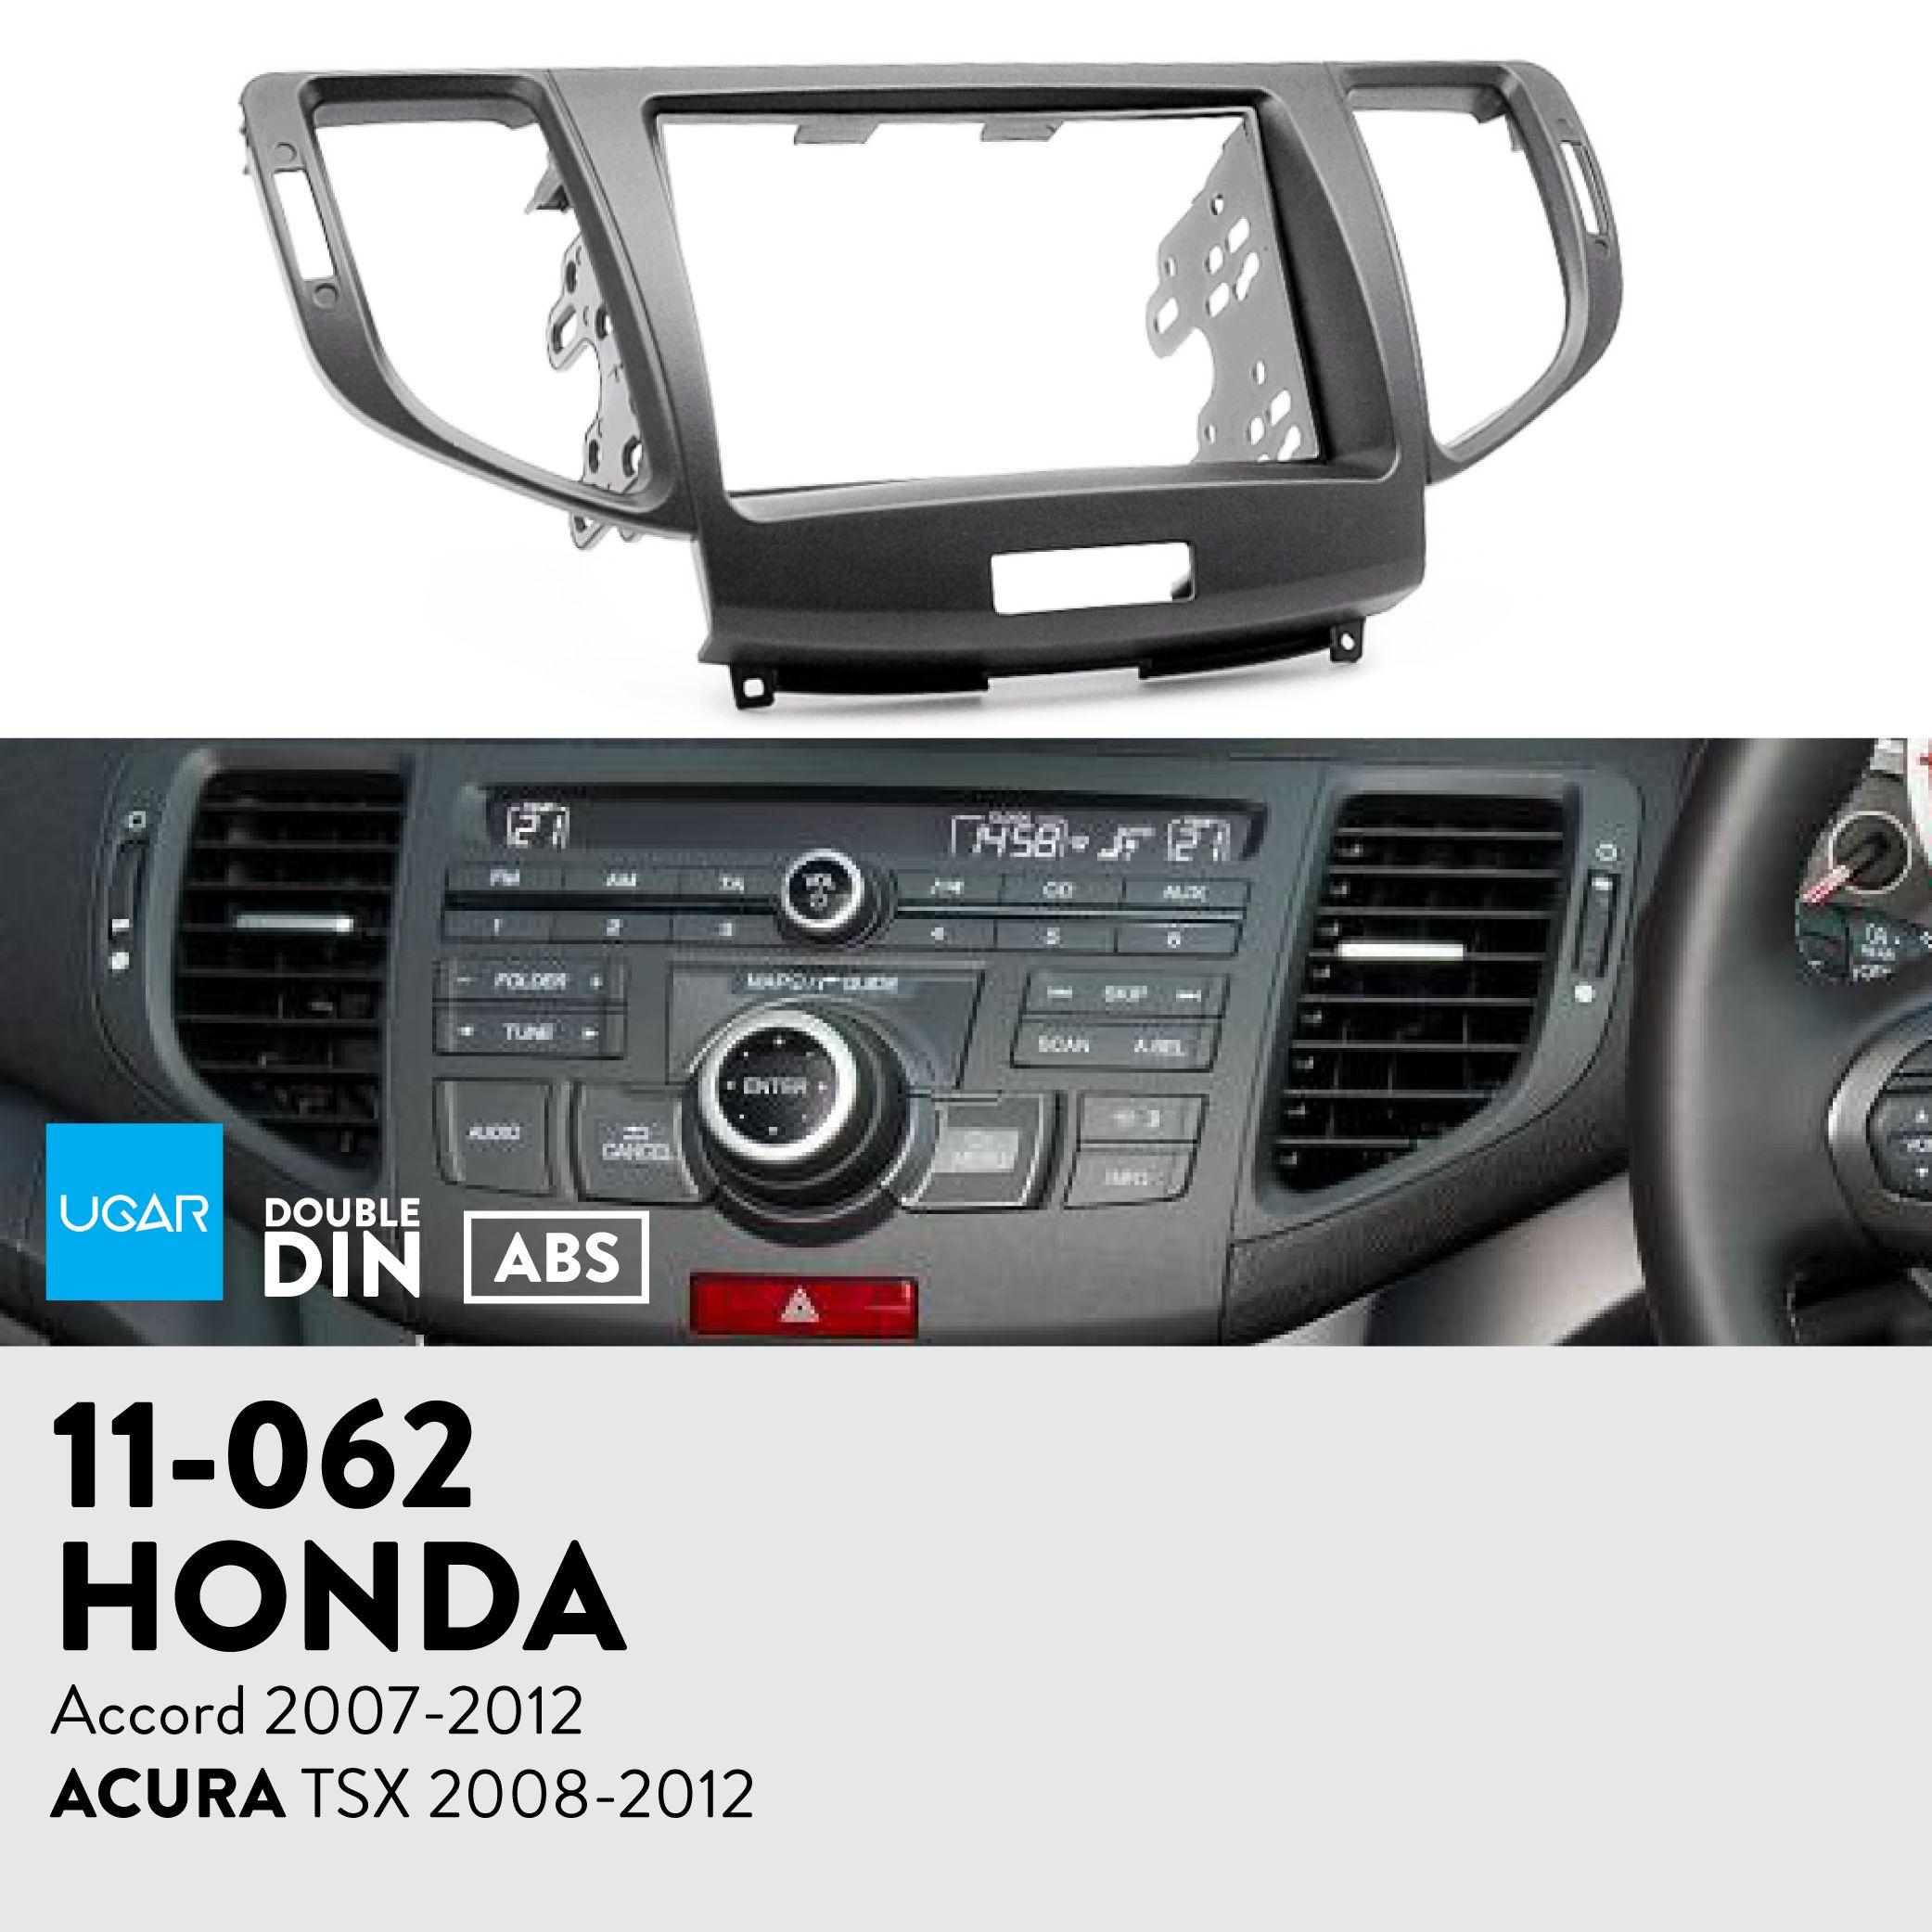 11-062 For HONDA Accord 2007-2012 / ACURA TSX 2008-2012